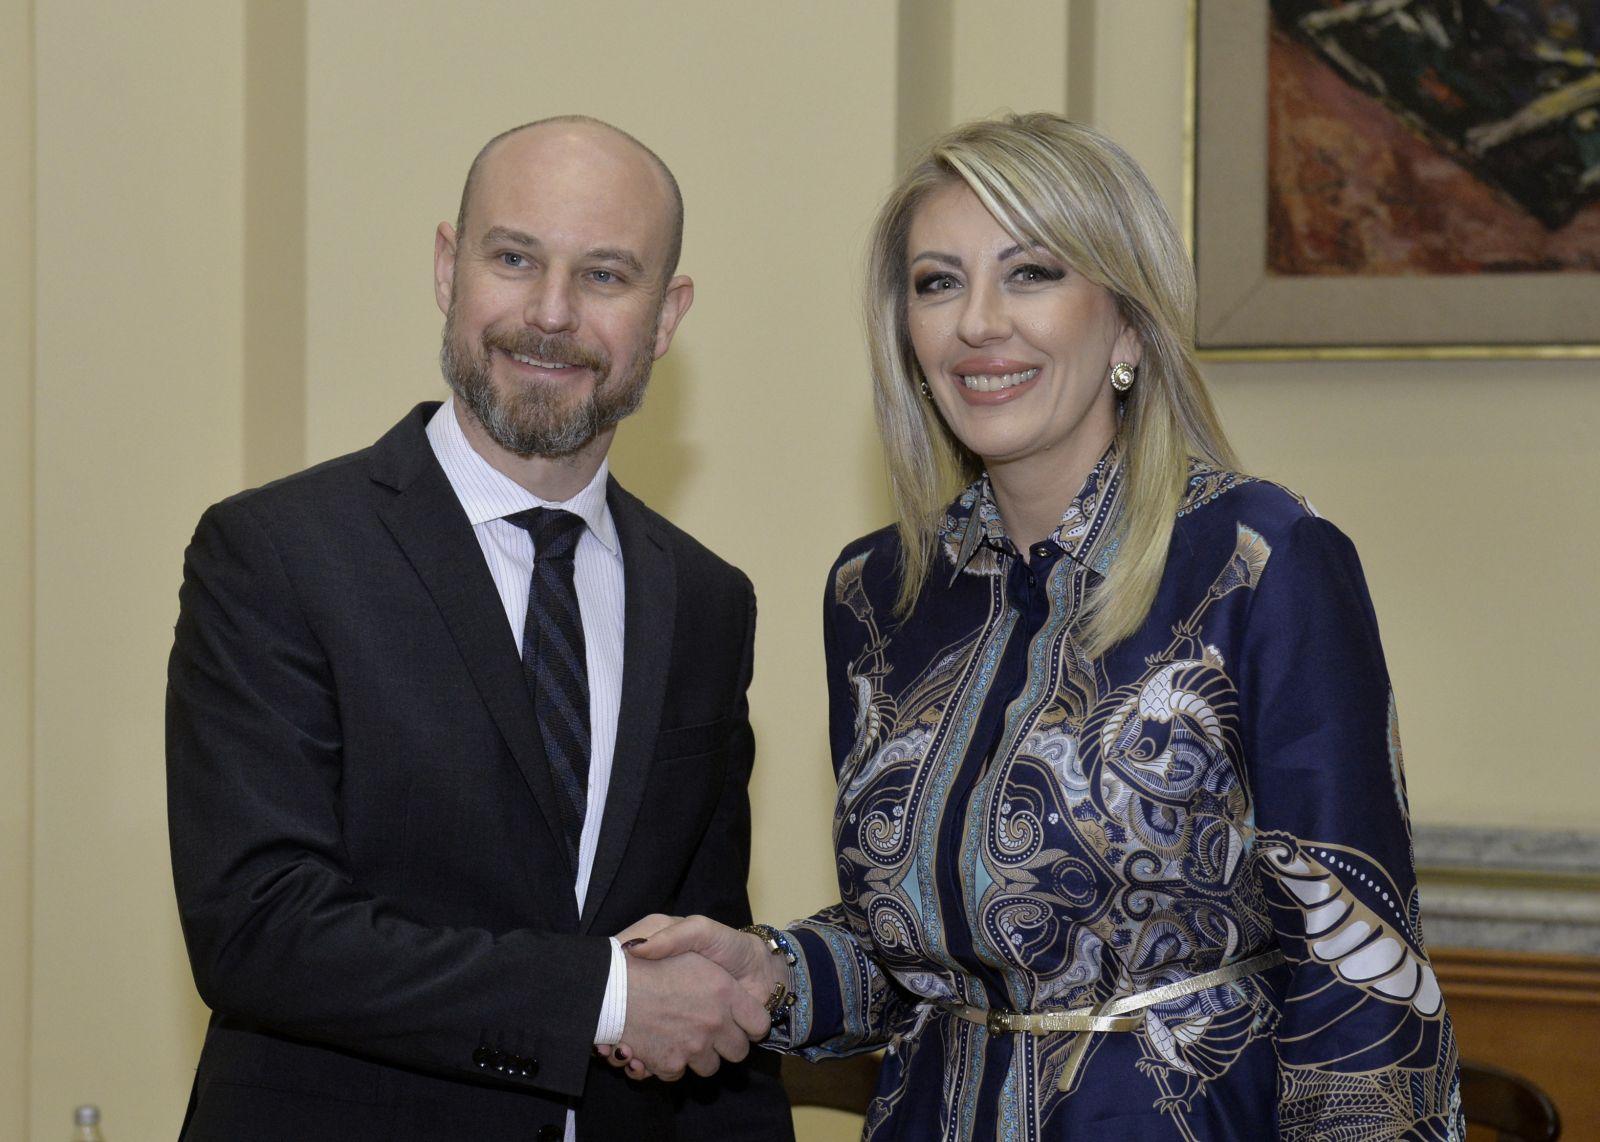 Ј. Јоксимовић и Билчик: Србија конструктивно сарађује са Европским парламентом